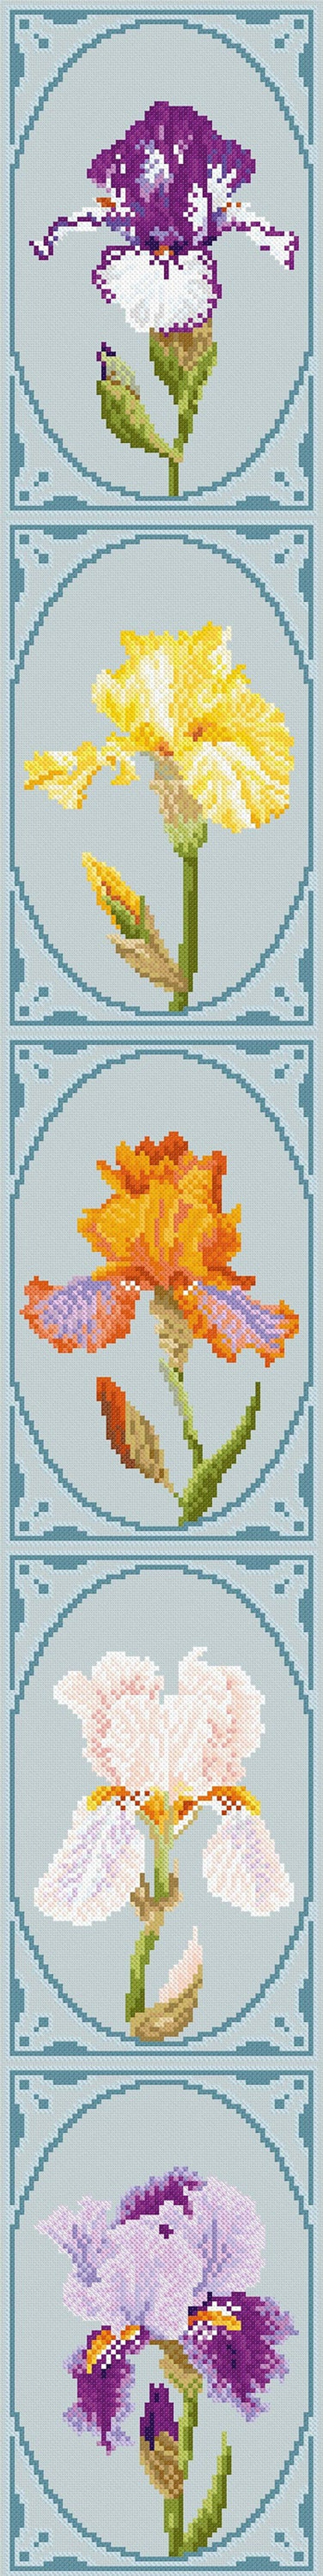 Cross stitch design 'Majestic Irises' image 0